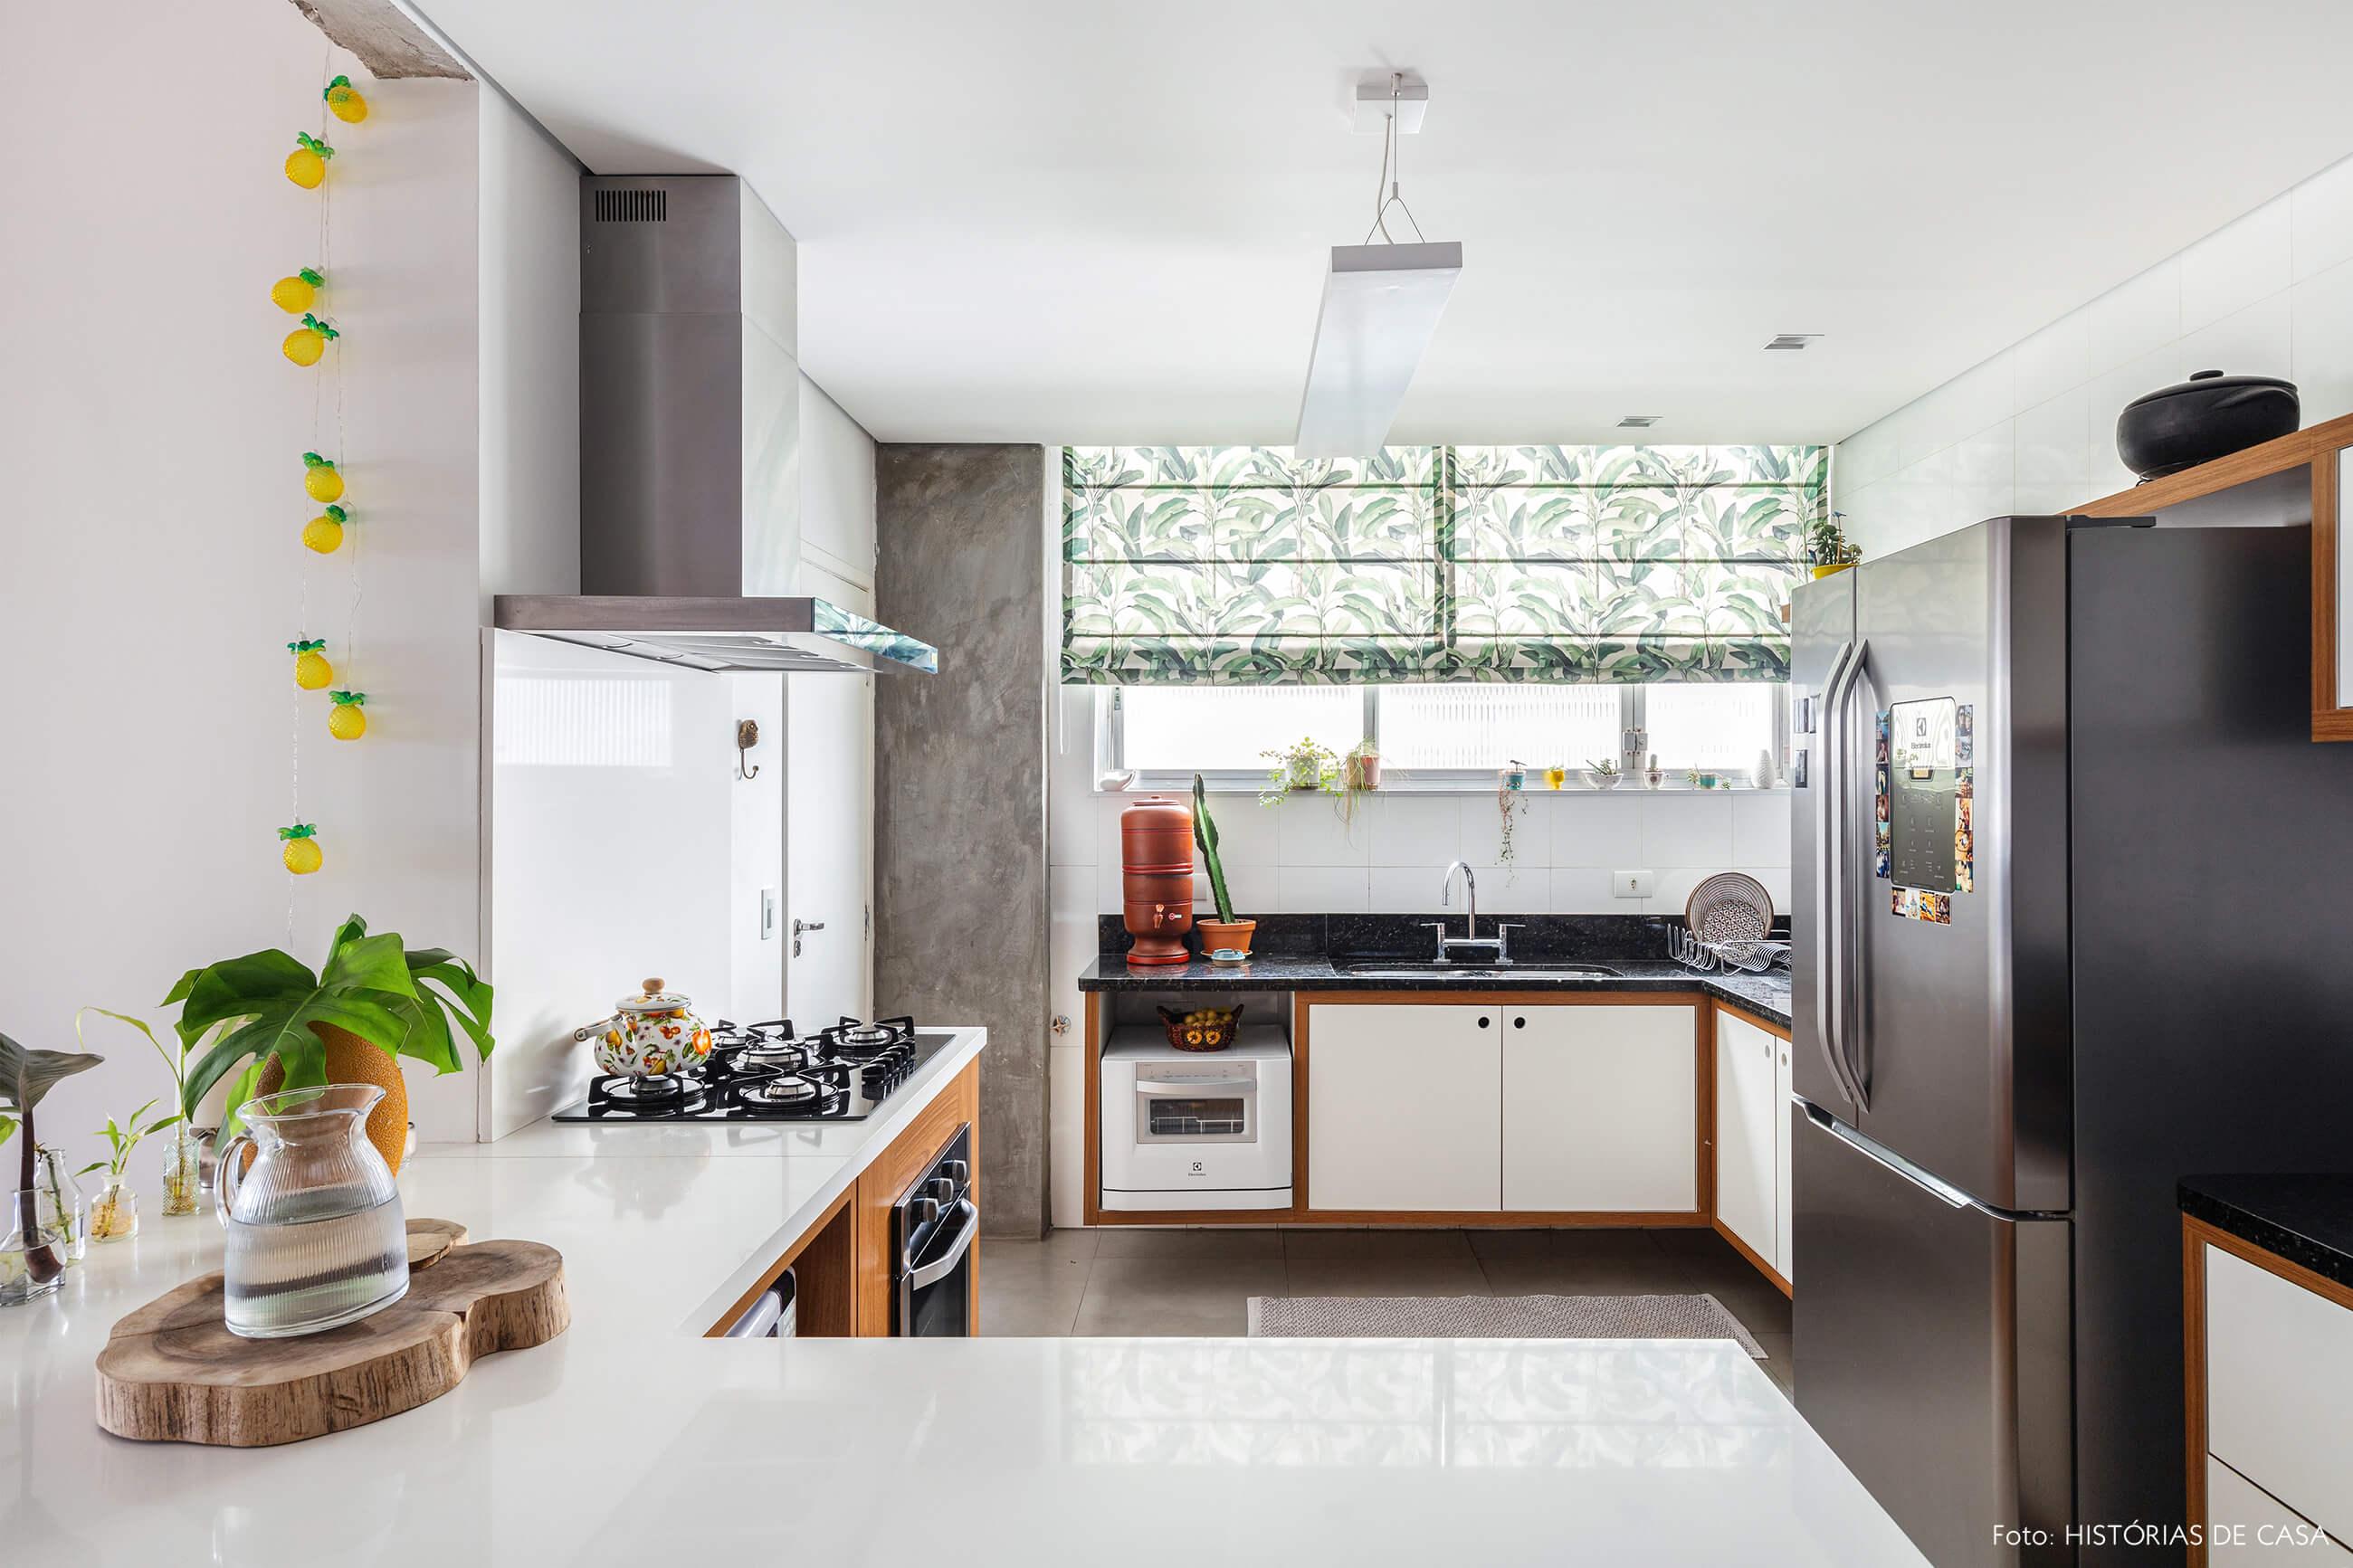 Cozinha com cortina estampada verde